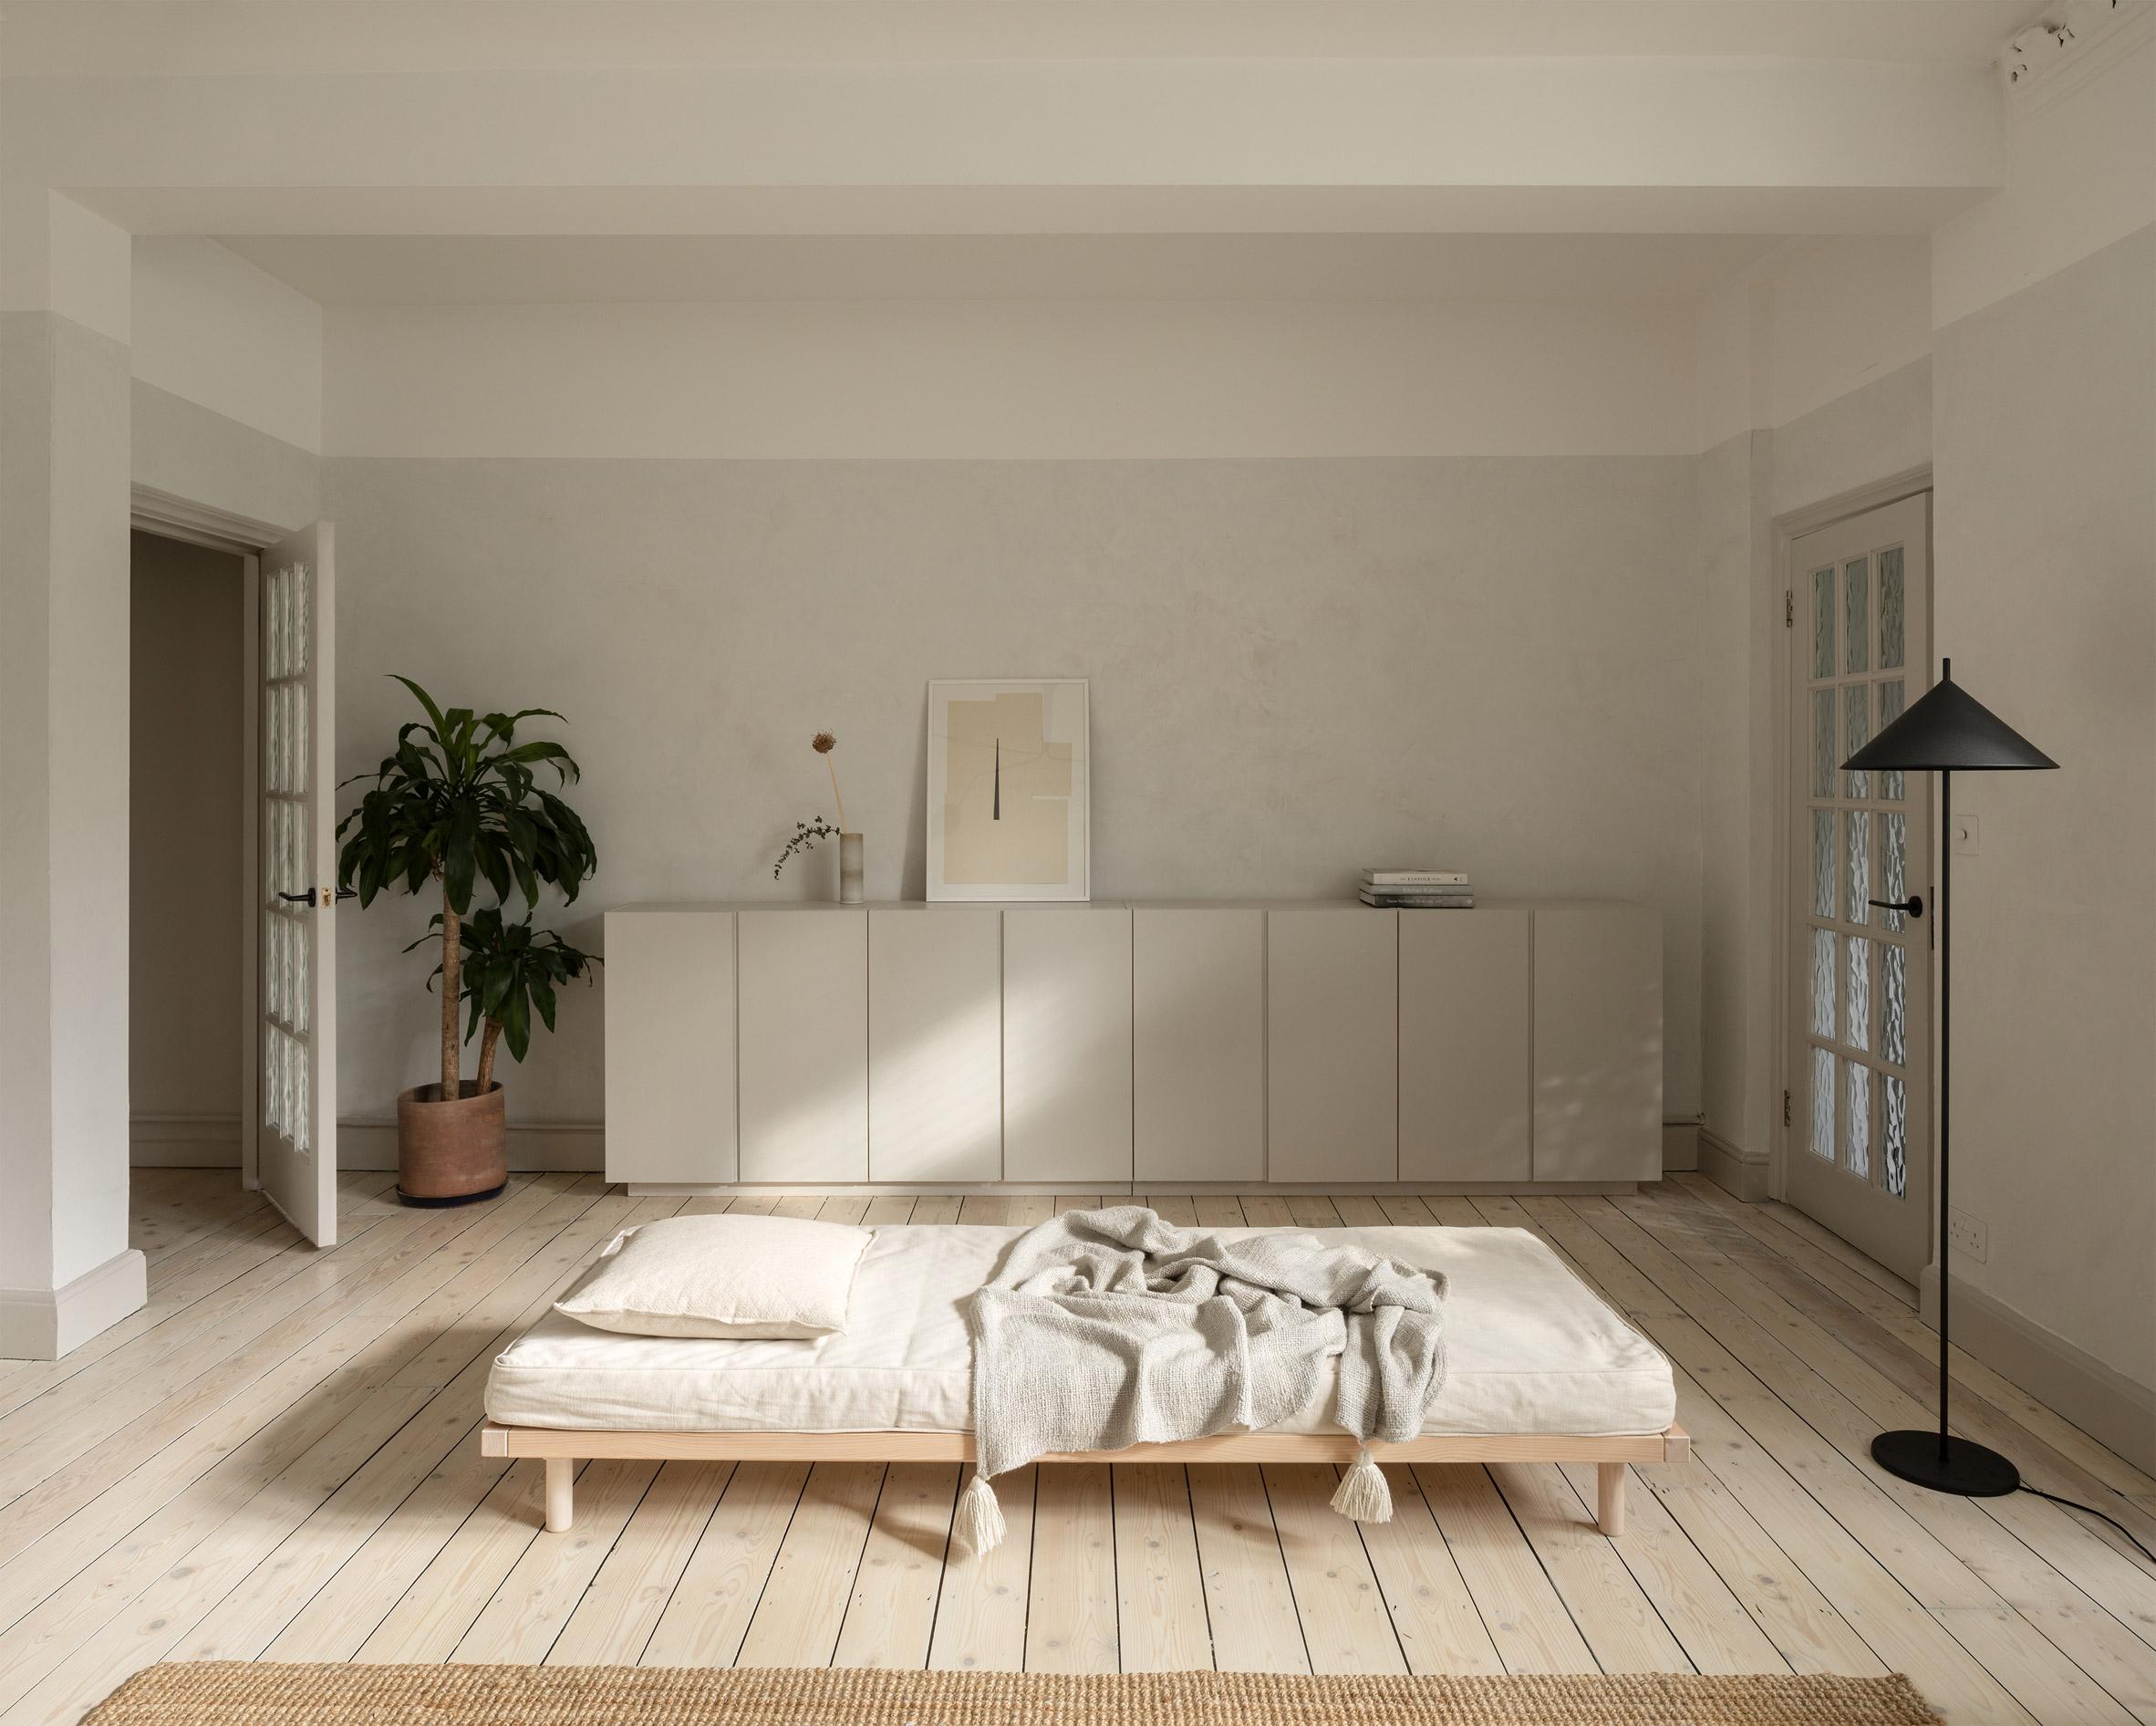 Living area of ER Residence by Studio Hallett Ike